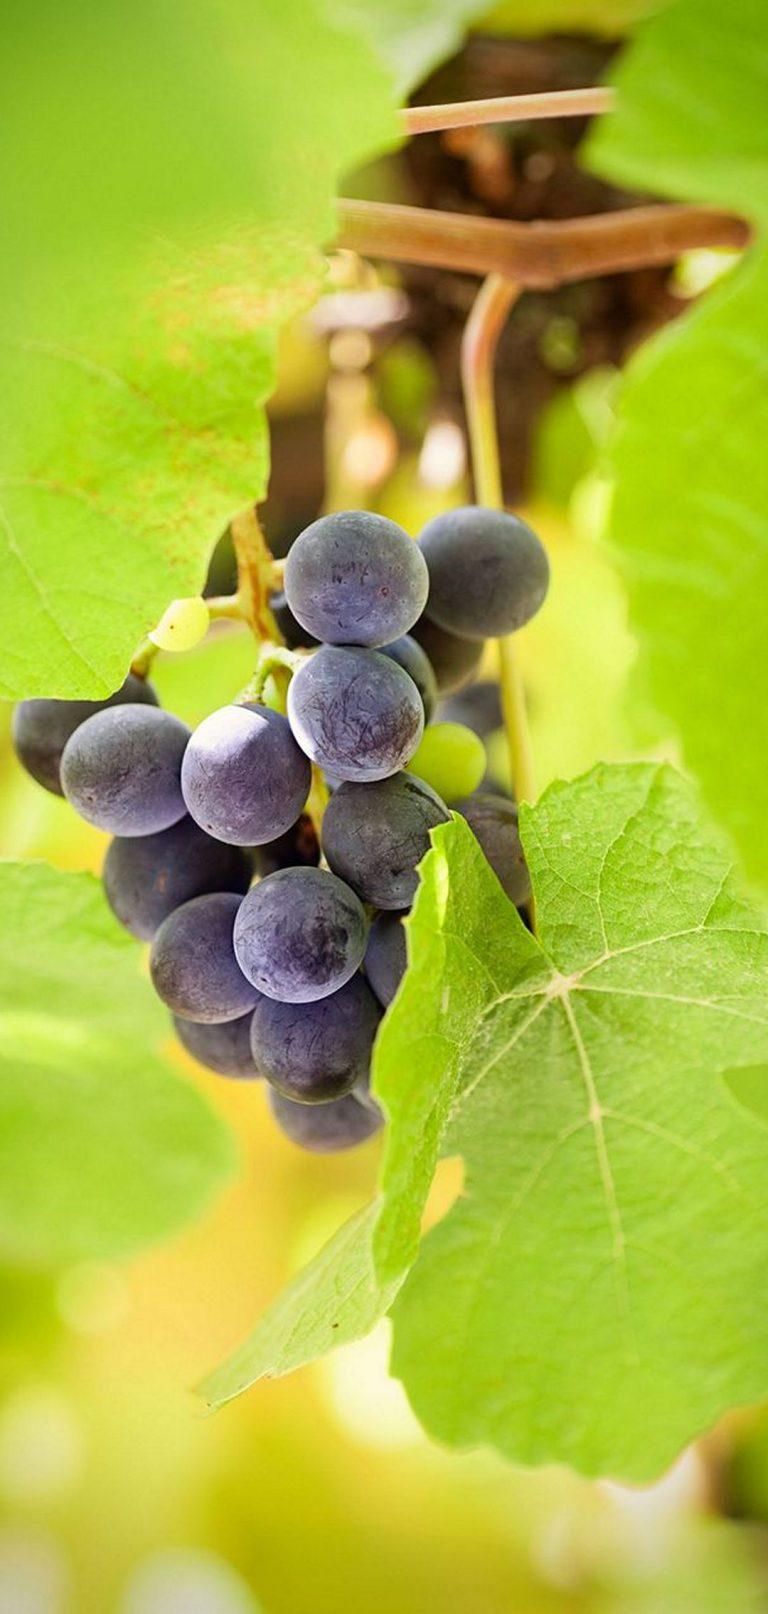 Food Leaves Green Berries 1080x2270 768x1614